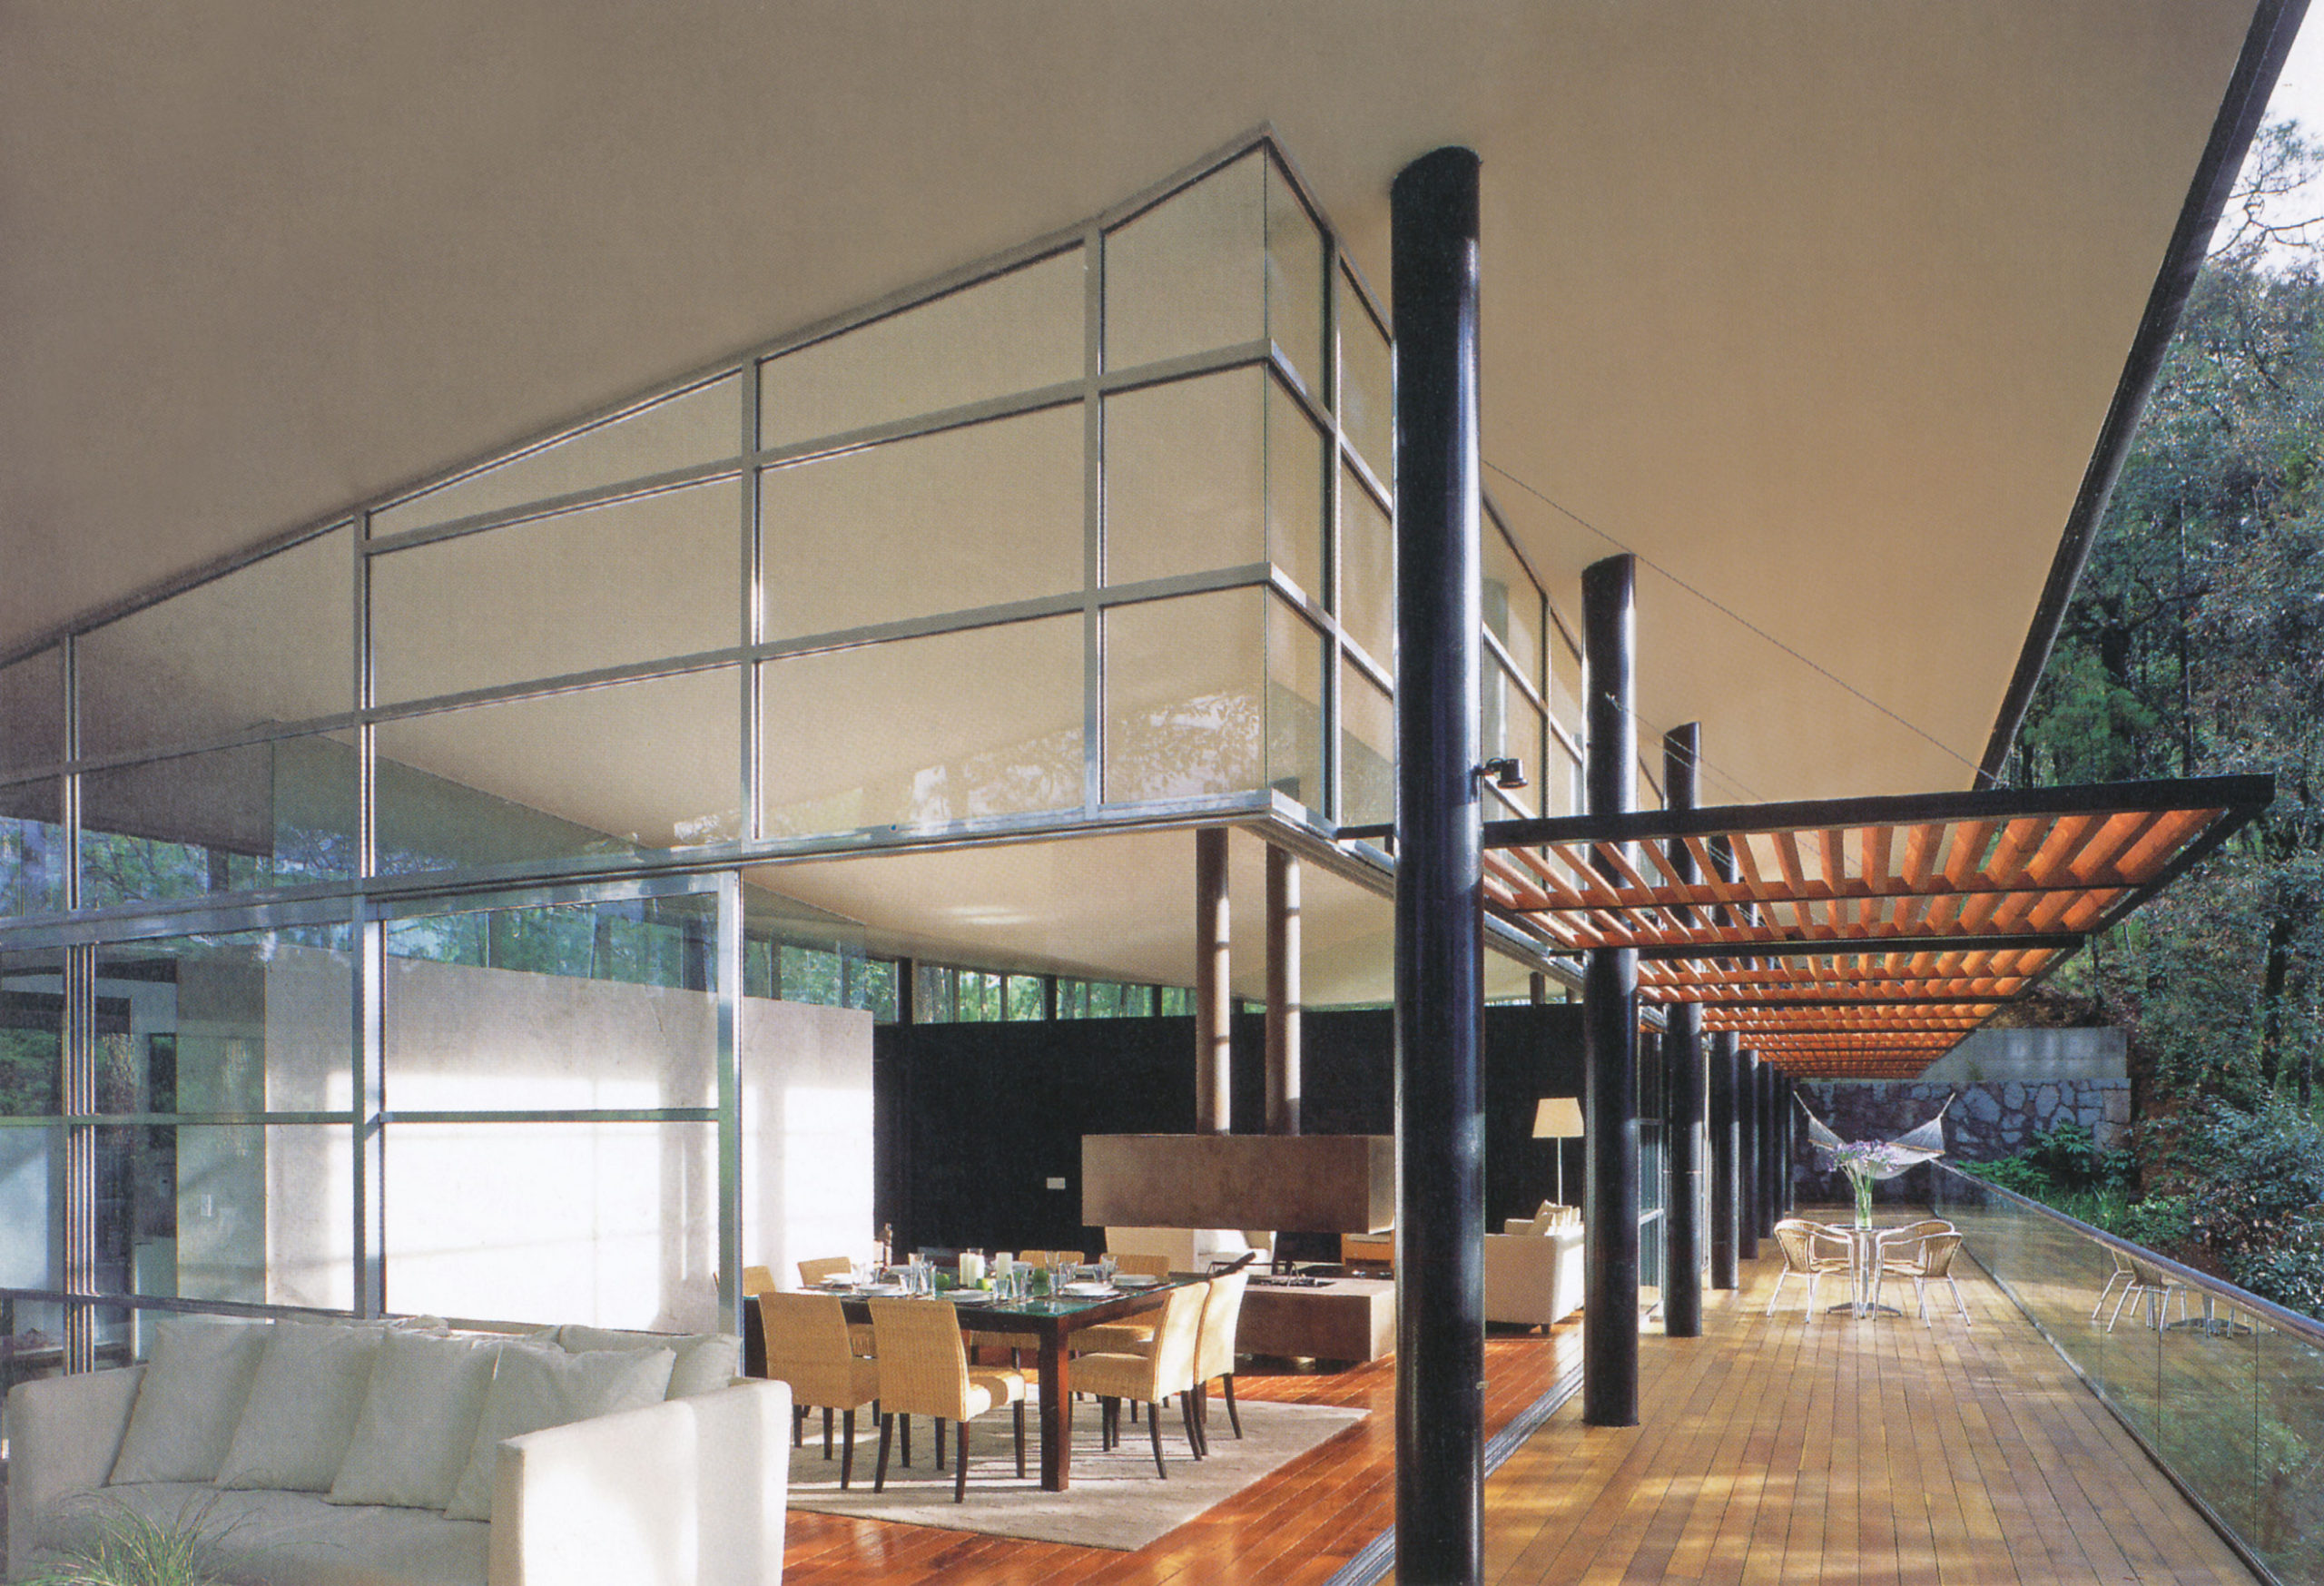 شرکت معماری جی.اِی، خانهی ایزار؛ واله دِل براوو، مکزیک، 2002